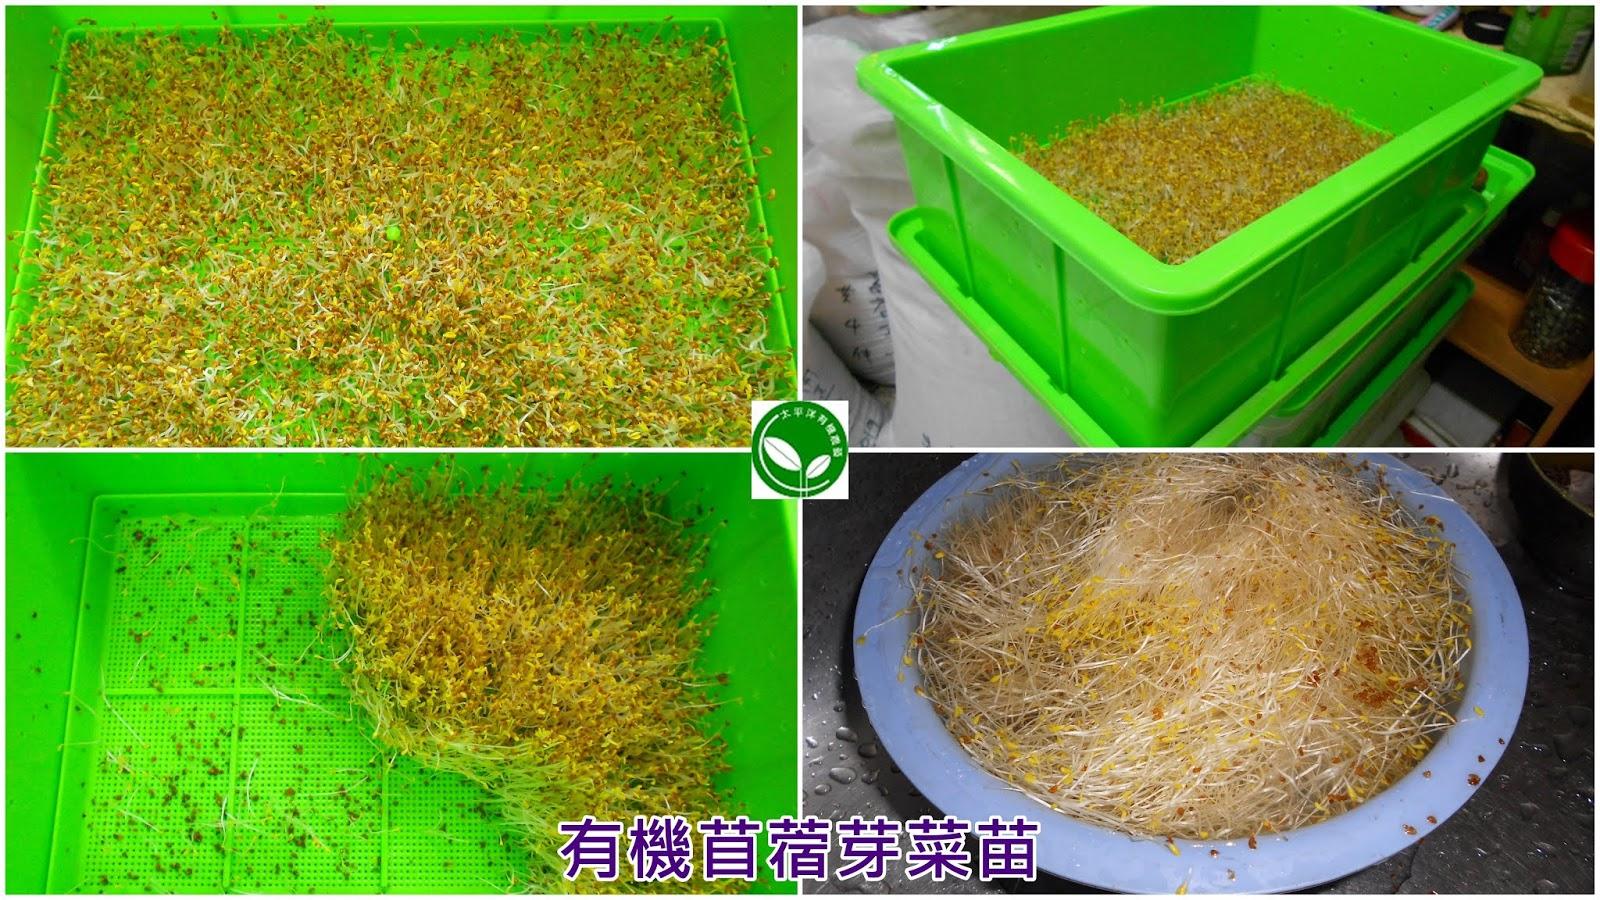 苜蓿芽要洗嗎,紅花苜蓿,紫花苜蓿葉,苜蓿,紫花苜蓿草,苜蓿芽料理,苜蓿芽熱量,苜蓿草種植,苜蓿草,苜蓿芽